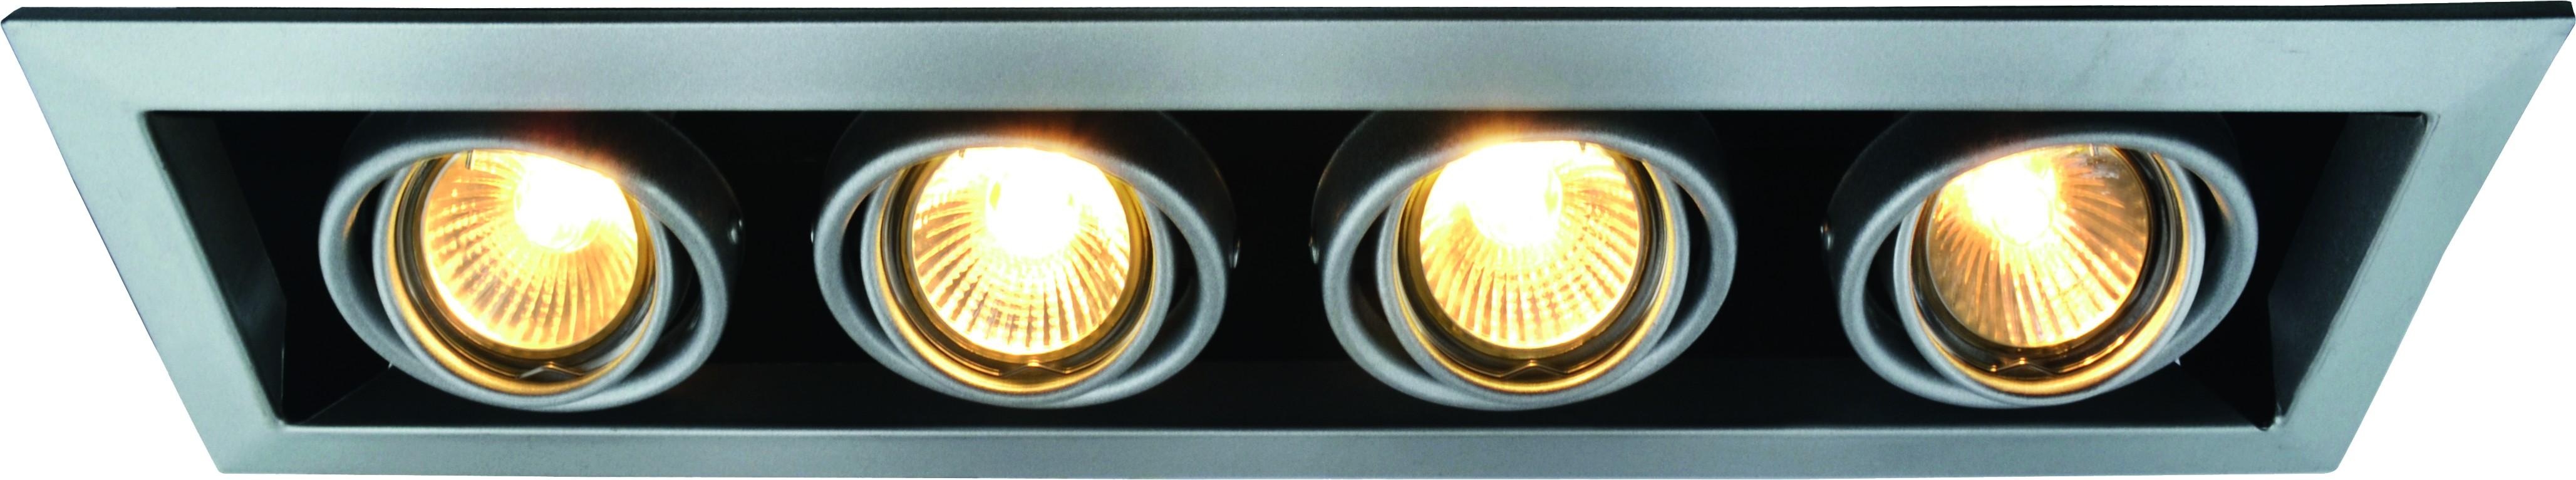 Купить Светильник встраиваемый Arte lamp A5941pl-4si